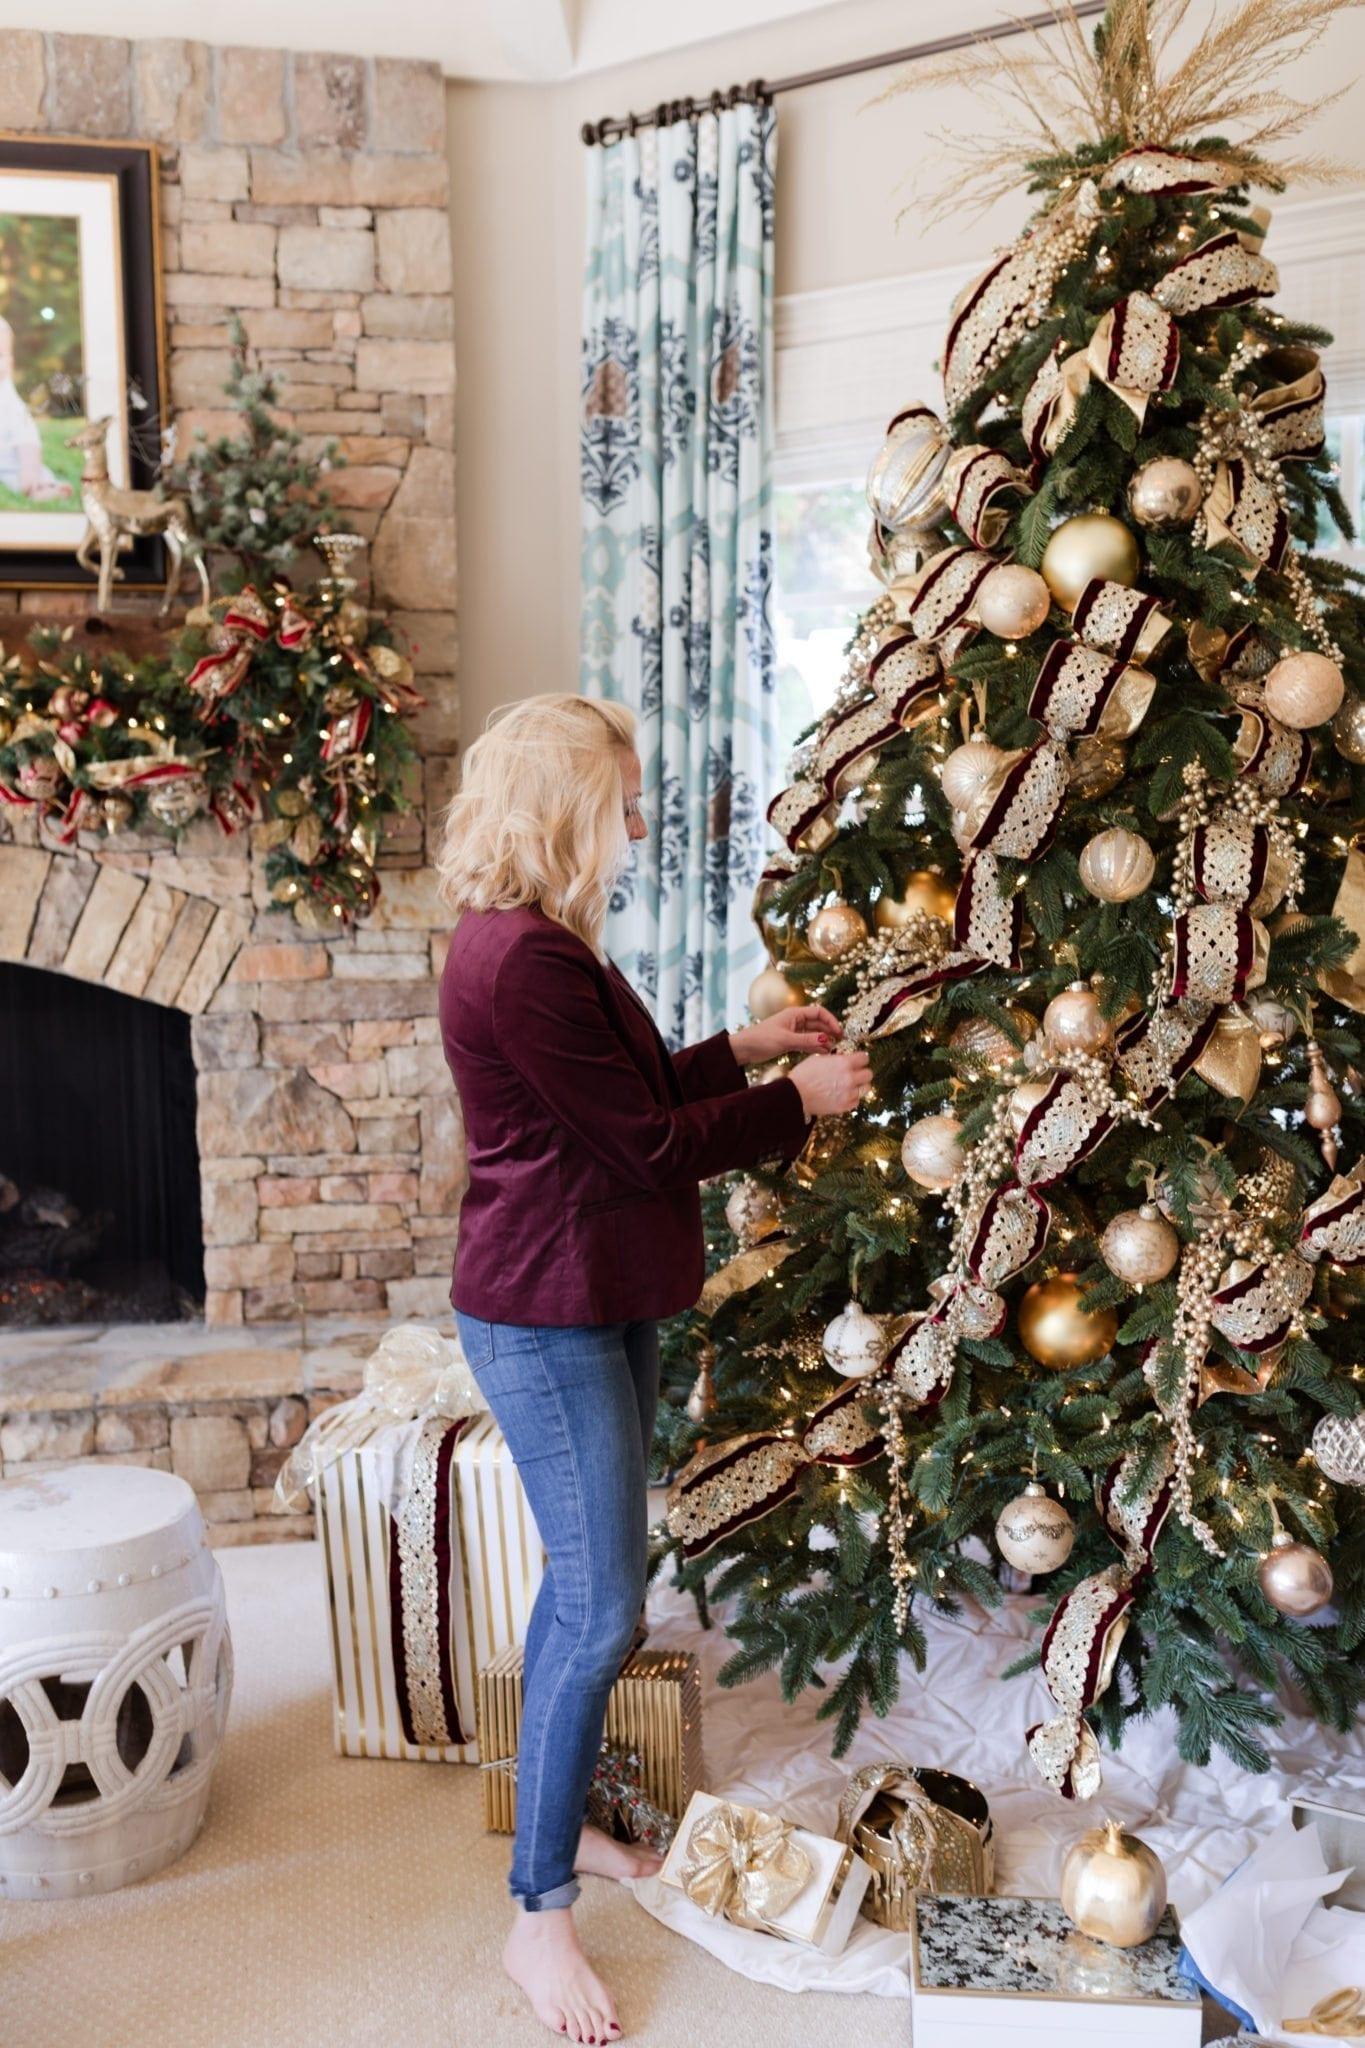 Burgundy Velvet Blazer from Banana Republic. Gold and red Christmas tree.